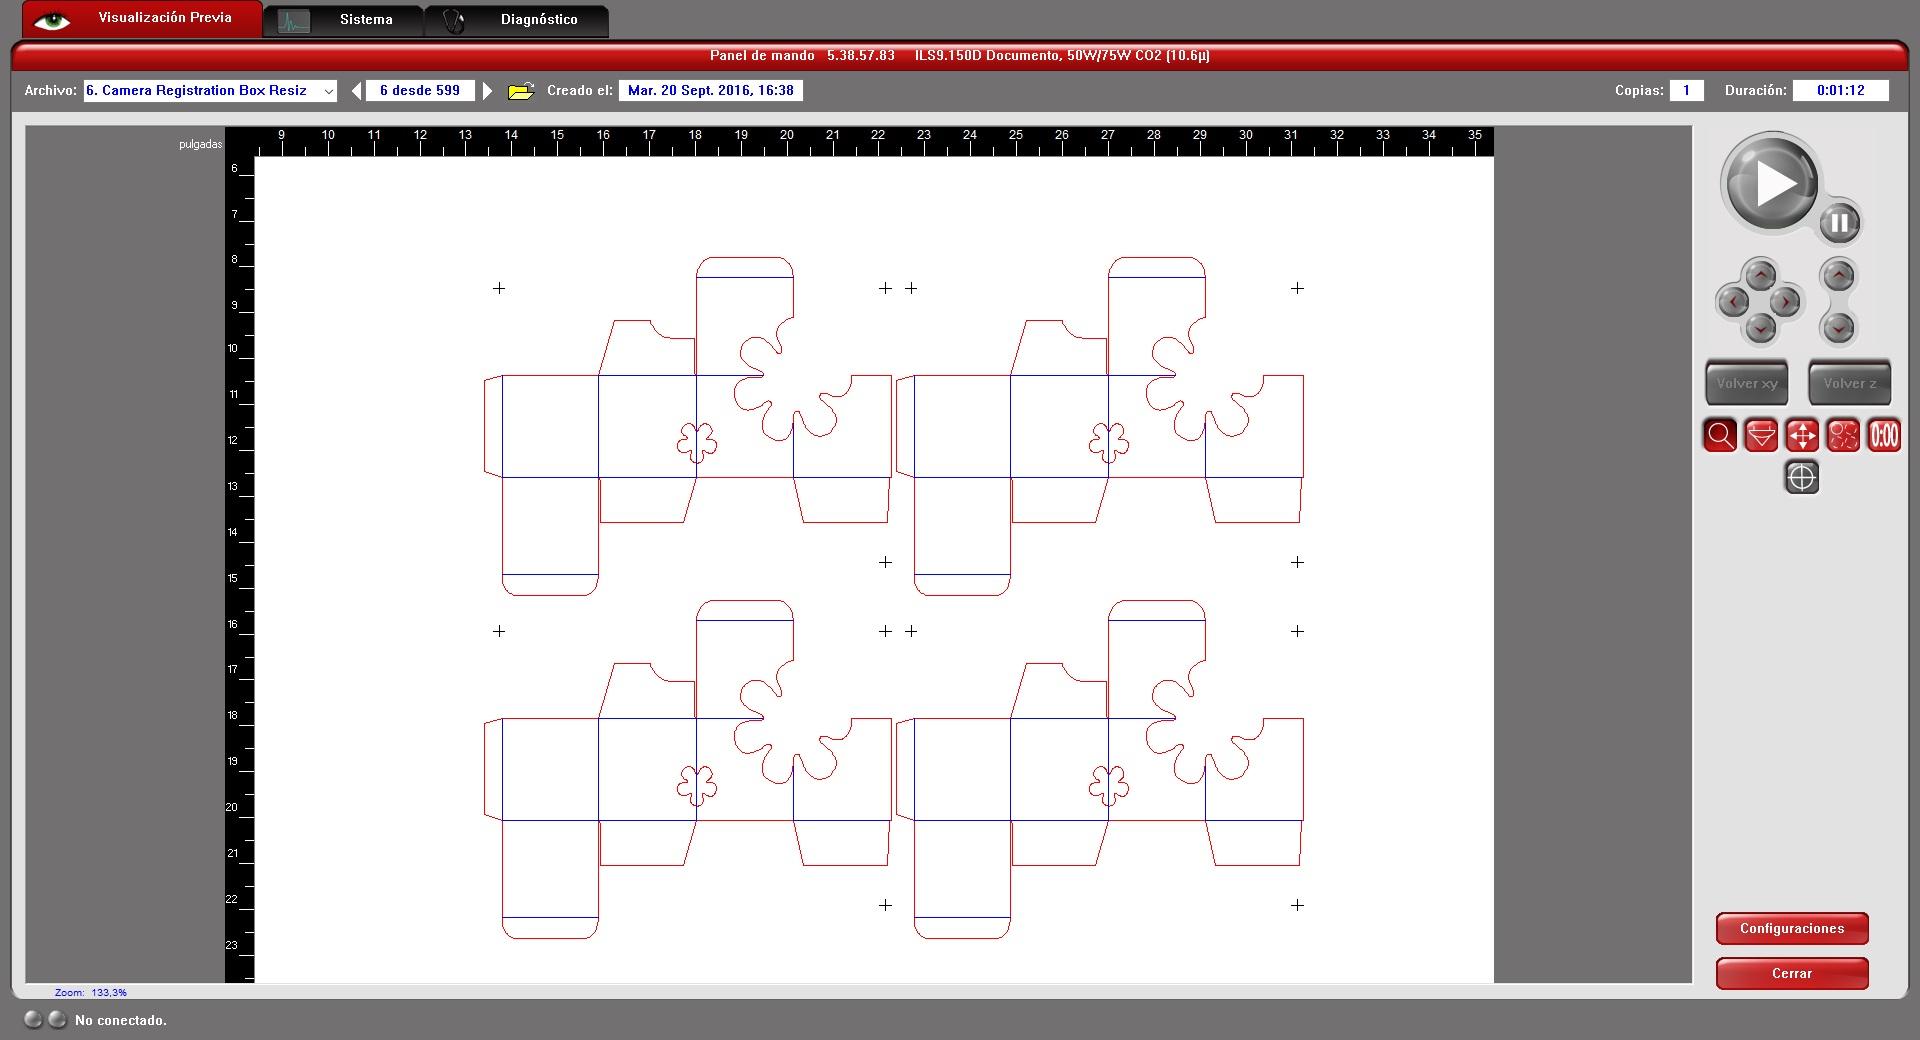 Software del sistema láser con cuatro copias de un proceso de registro de cámara único generadas por duplicación, como se muestra en el sistema XLS